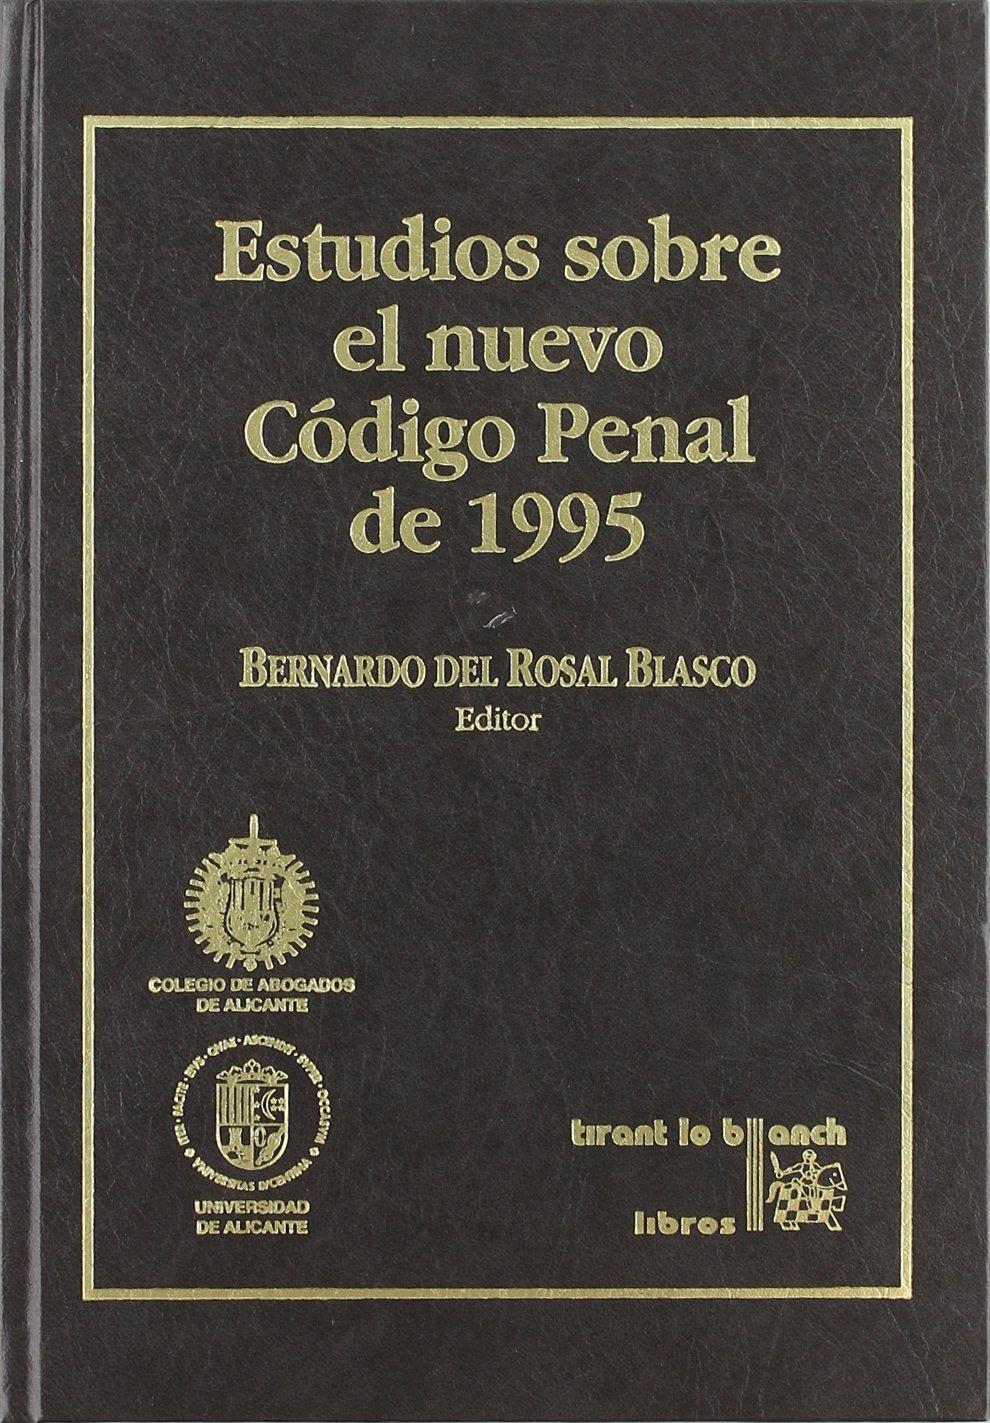 Estudios sobre el nuevo código penal de 1995: Amazon.es: Bernardo del Rosal Blasco: Libros